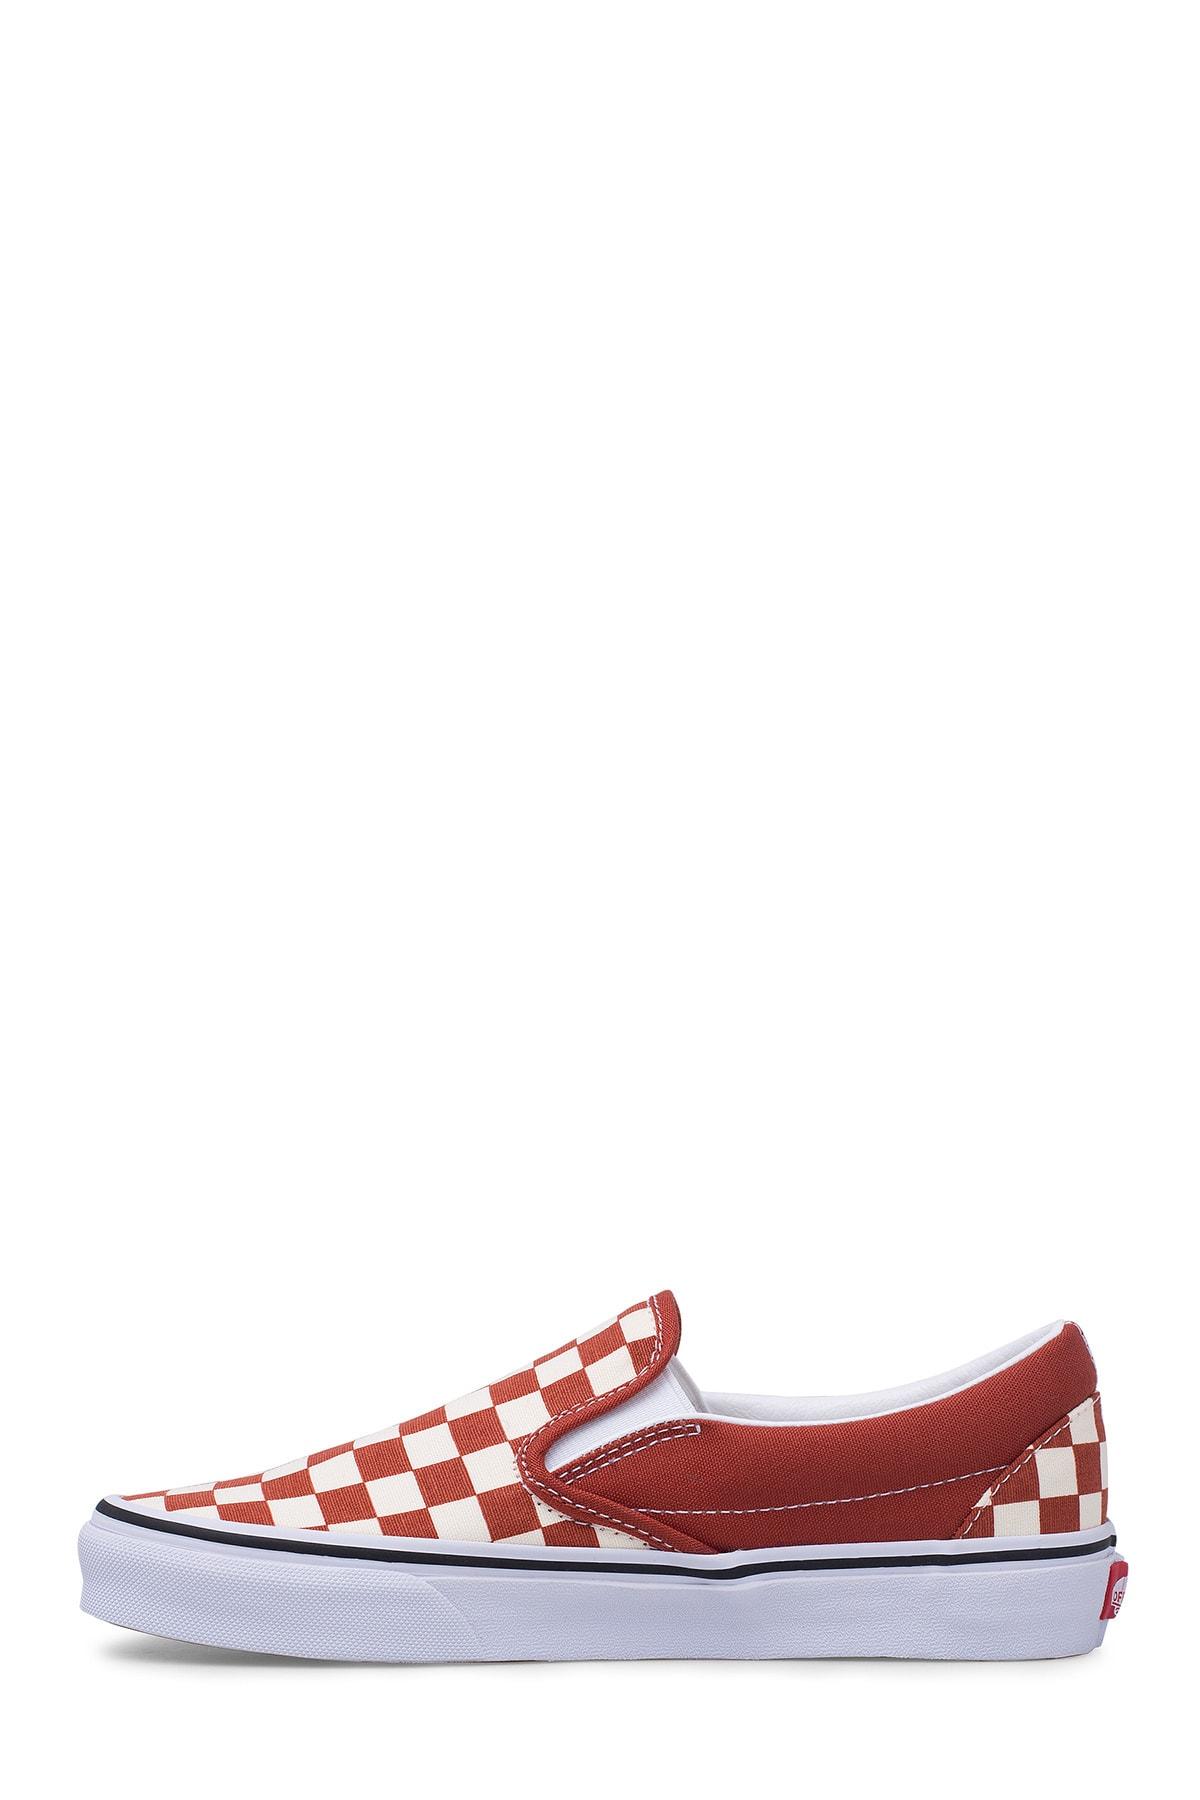 Vans UA CLASSIC SLIP-ON Tarçın Erkek Slip On Ayakkabı 100583584 2